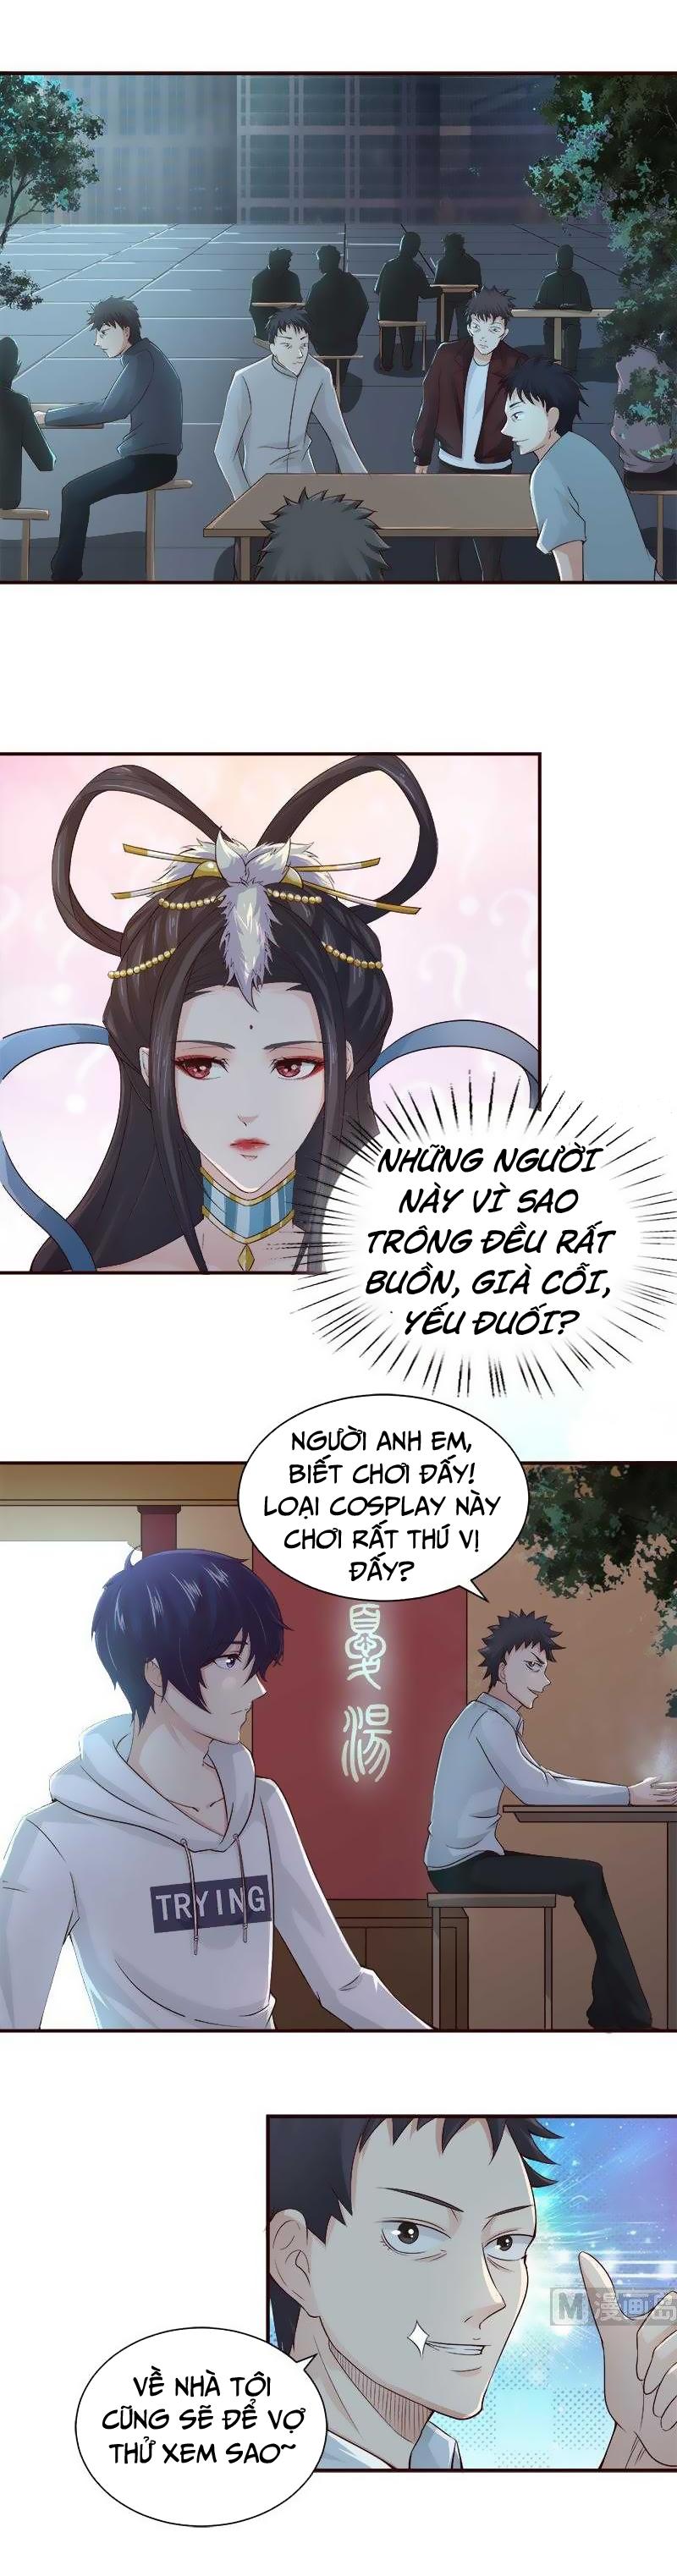 Luôn Có Thần Tiên Muốn Hãm Hại Ta - Chap 39